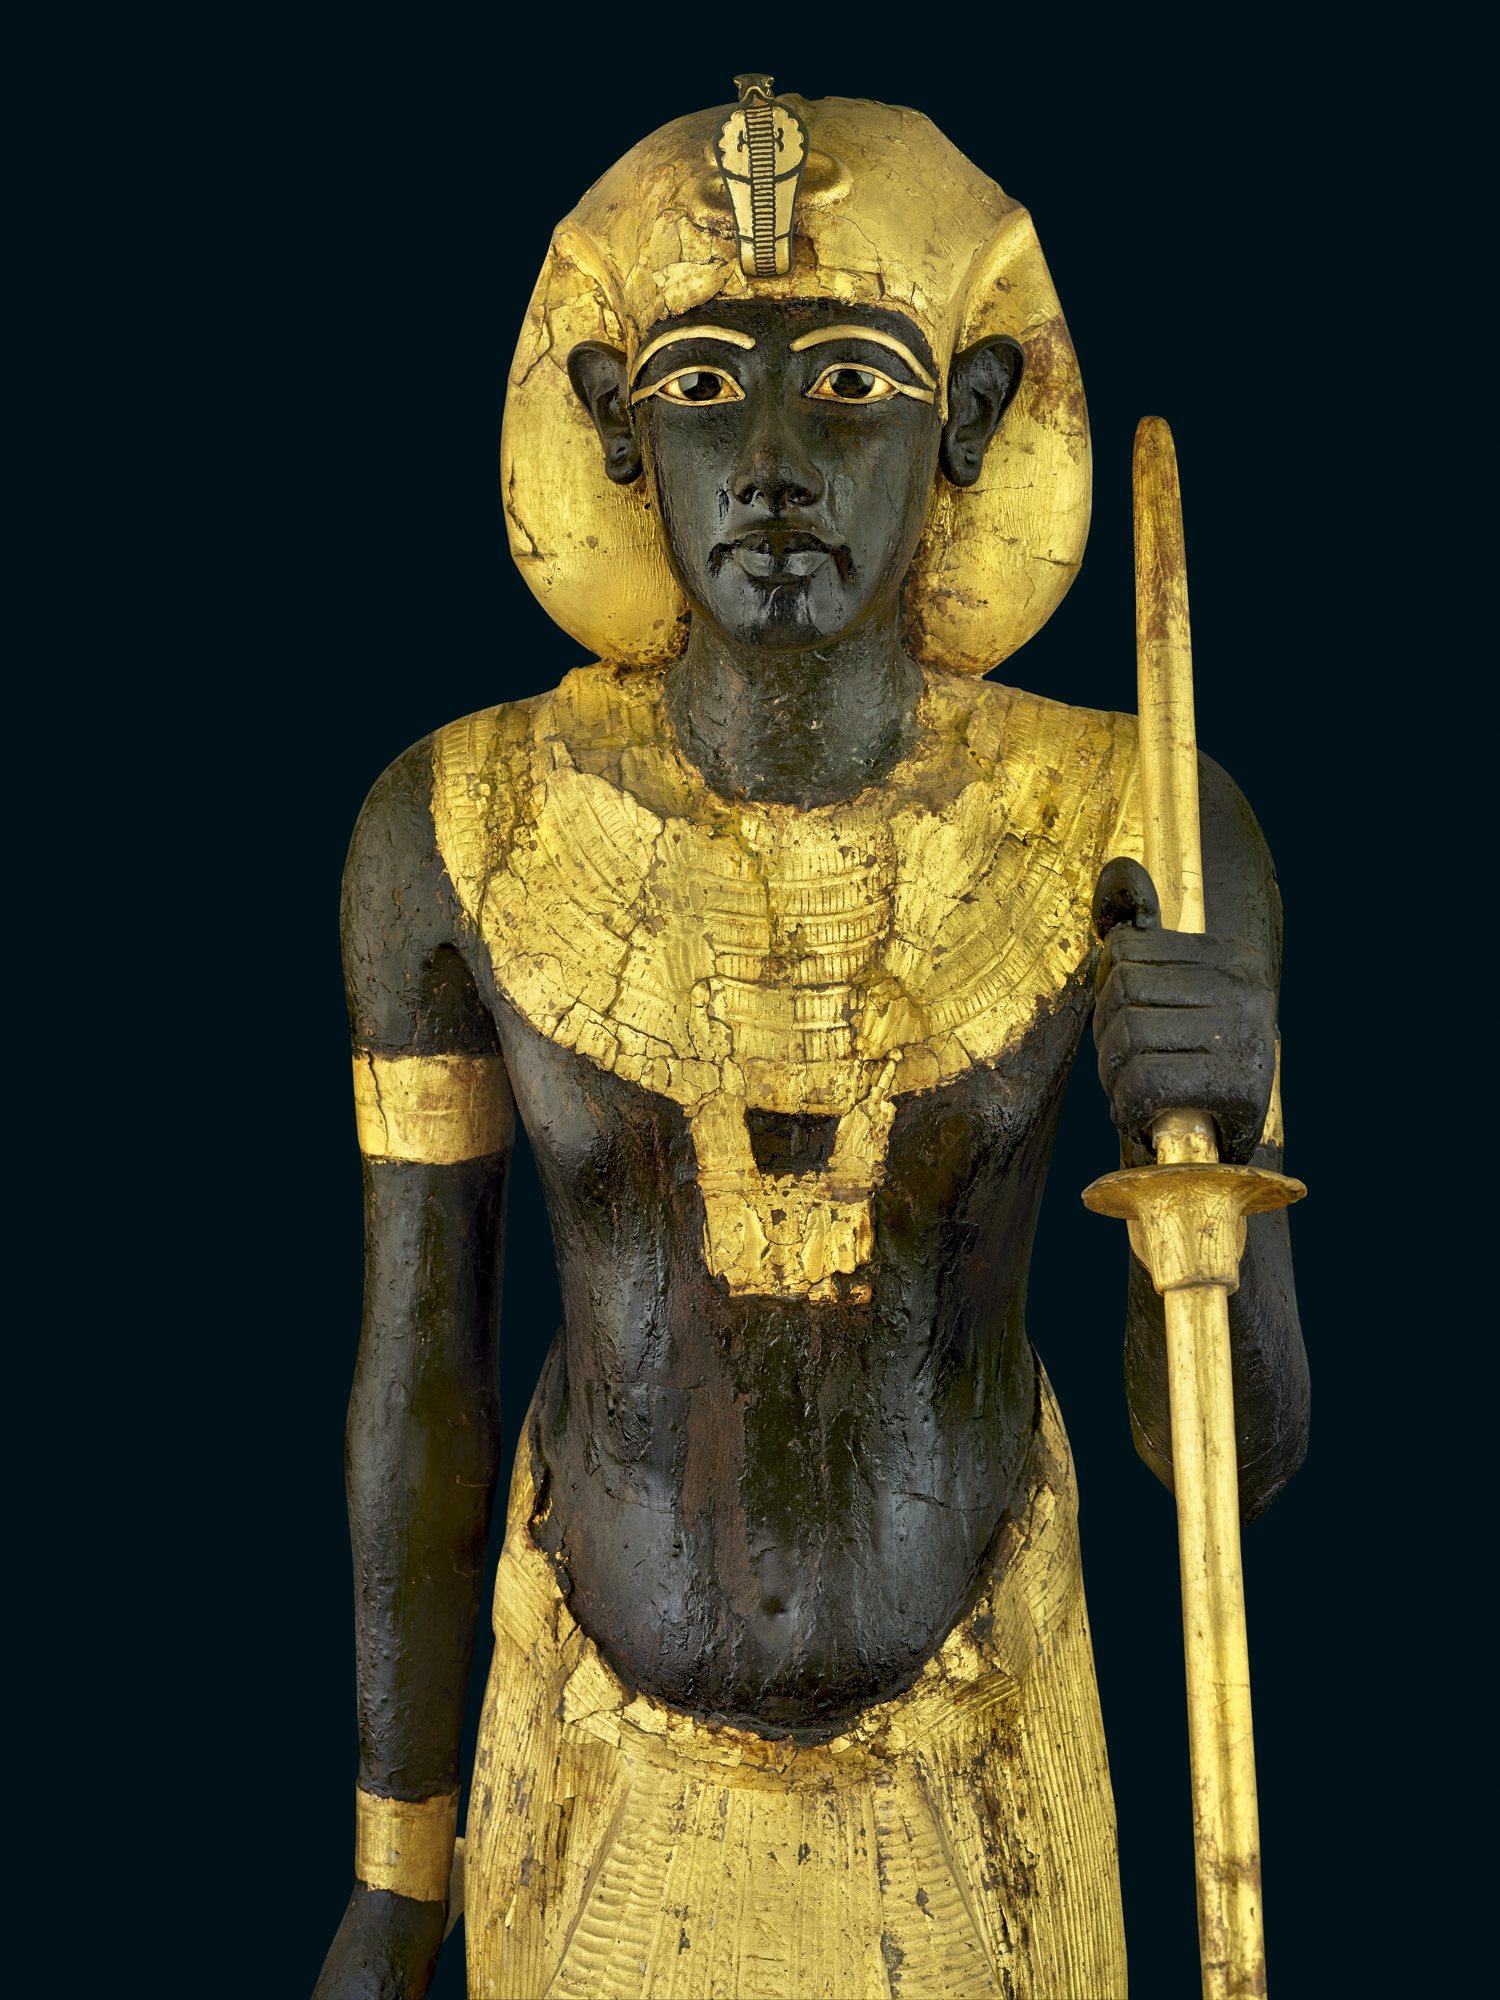 dd996614c 42-24662882. El guardián de Tutankamón